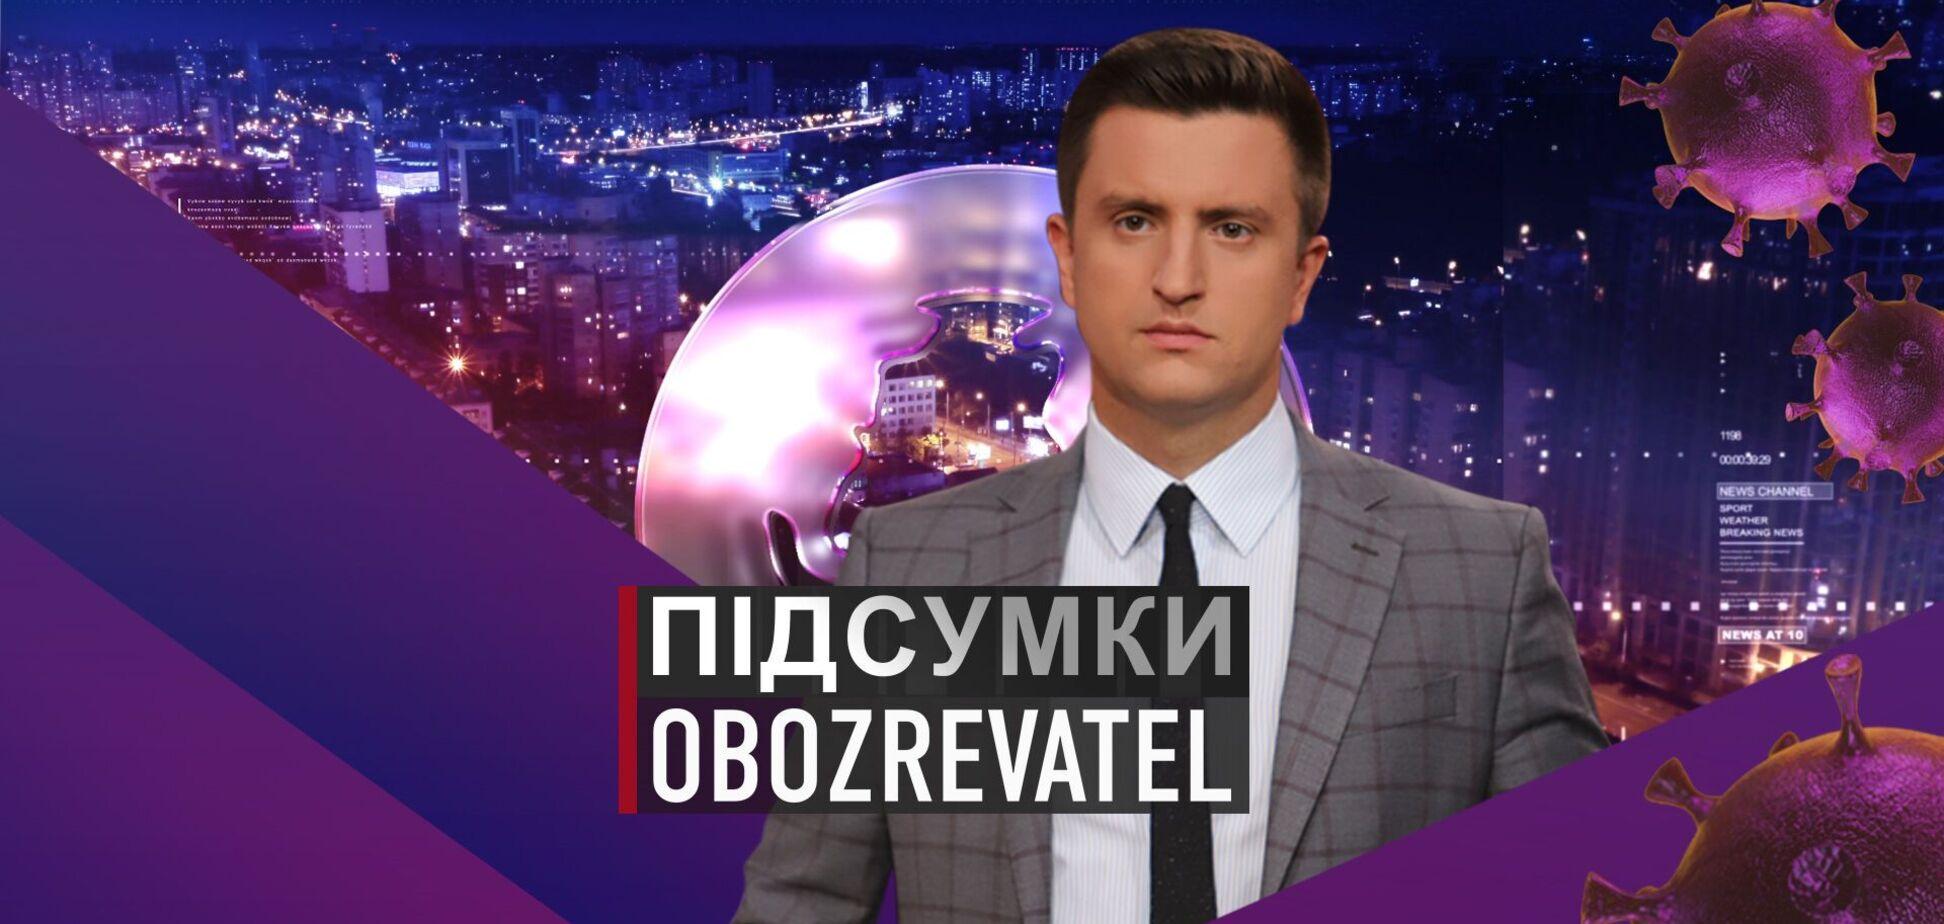 Підсумки з Вадимом Колодійчуком. П'ятниця, 28 травня